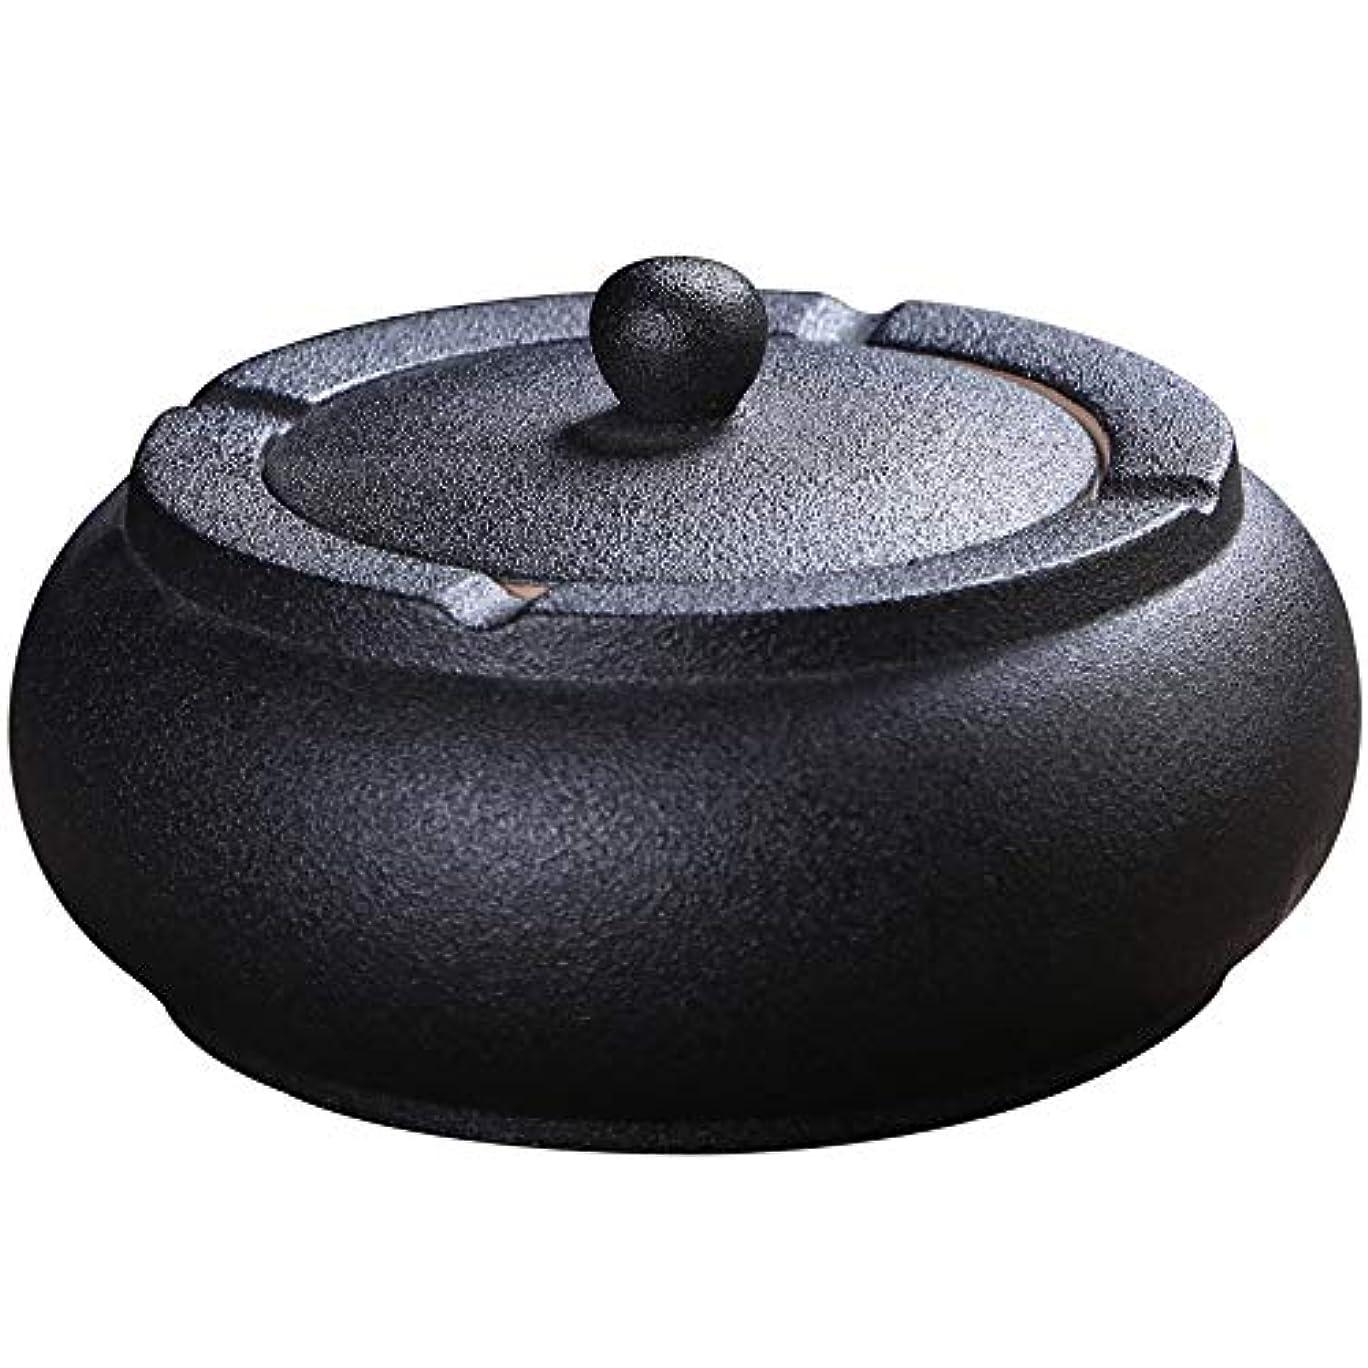 意識嫌い中級ふたが付いている陶磁器の灰皿、防風、喫煙者のための灰のホールダー、ホームオフィスの装飾の黒のためのデスクトップの喫煙灰皿